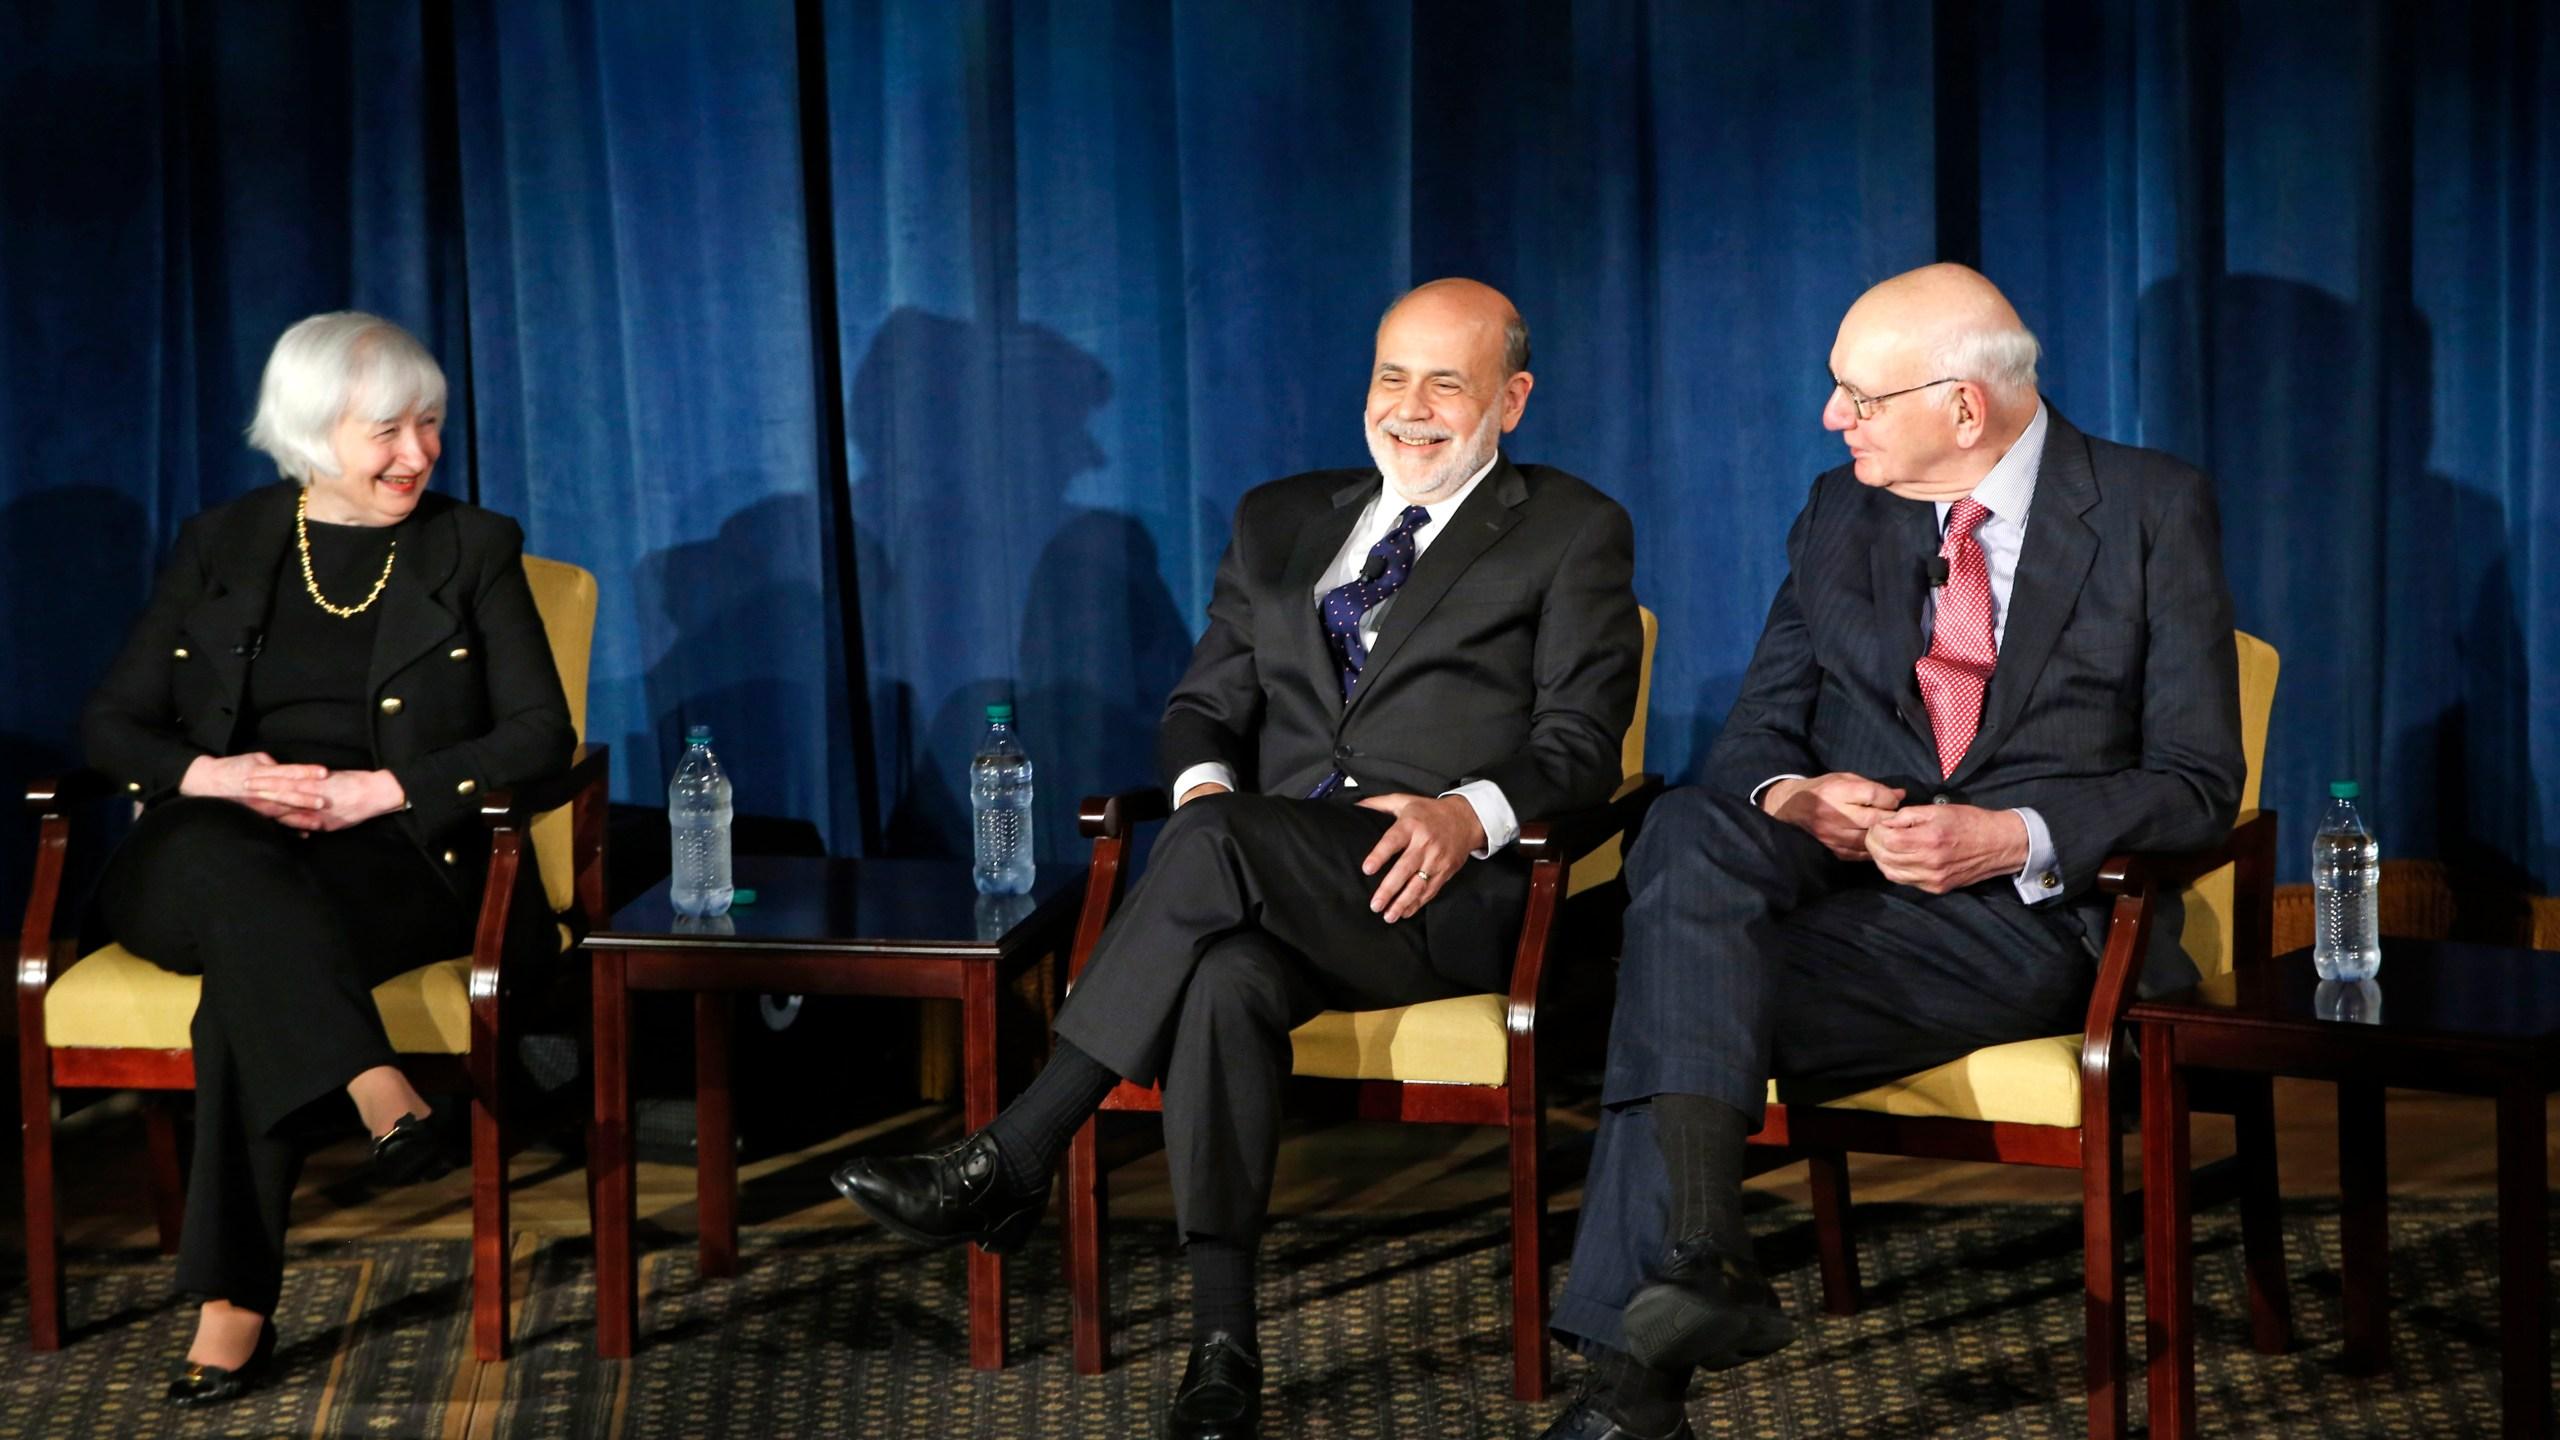 Janet Yellen, Ben Bernanke, Paul Volcker